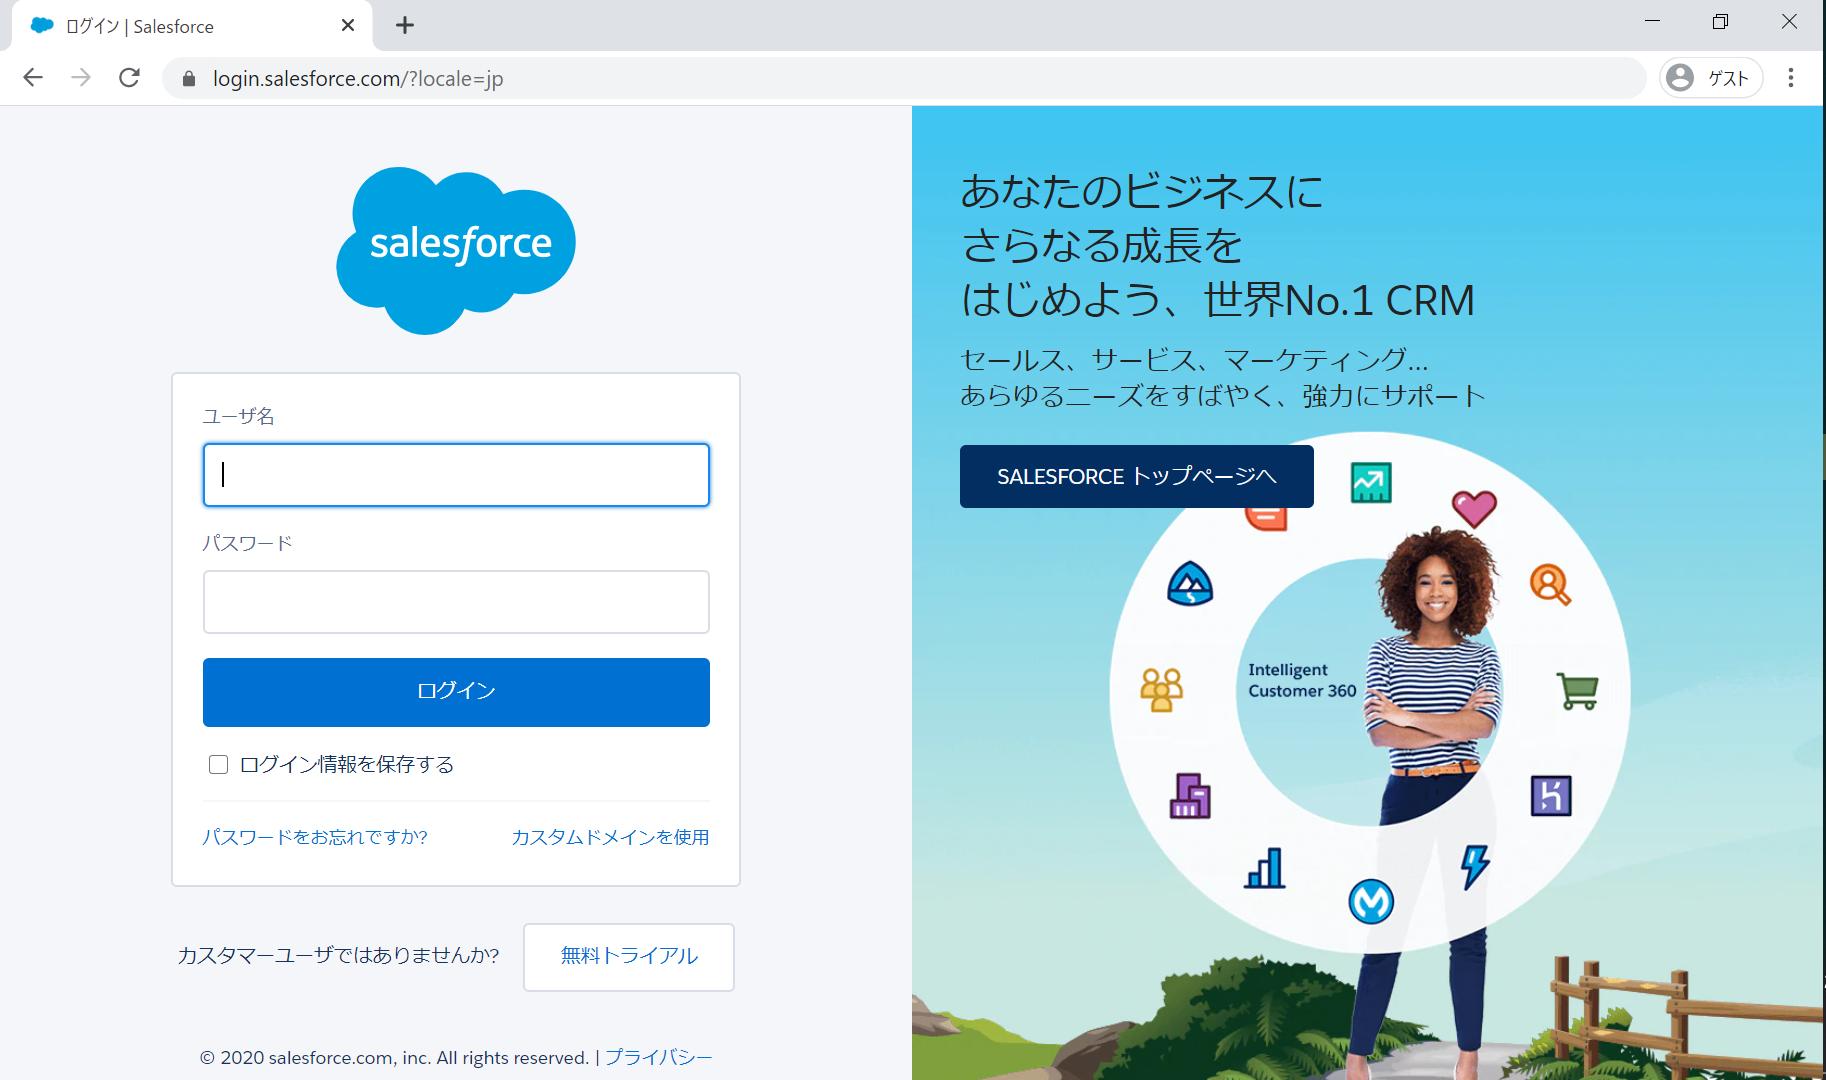 Salesforcesログイン画面